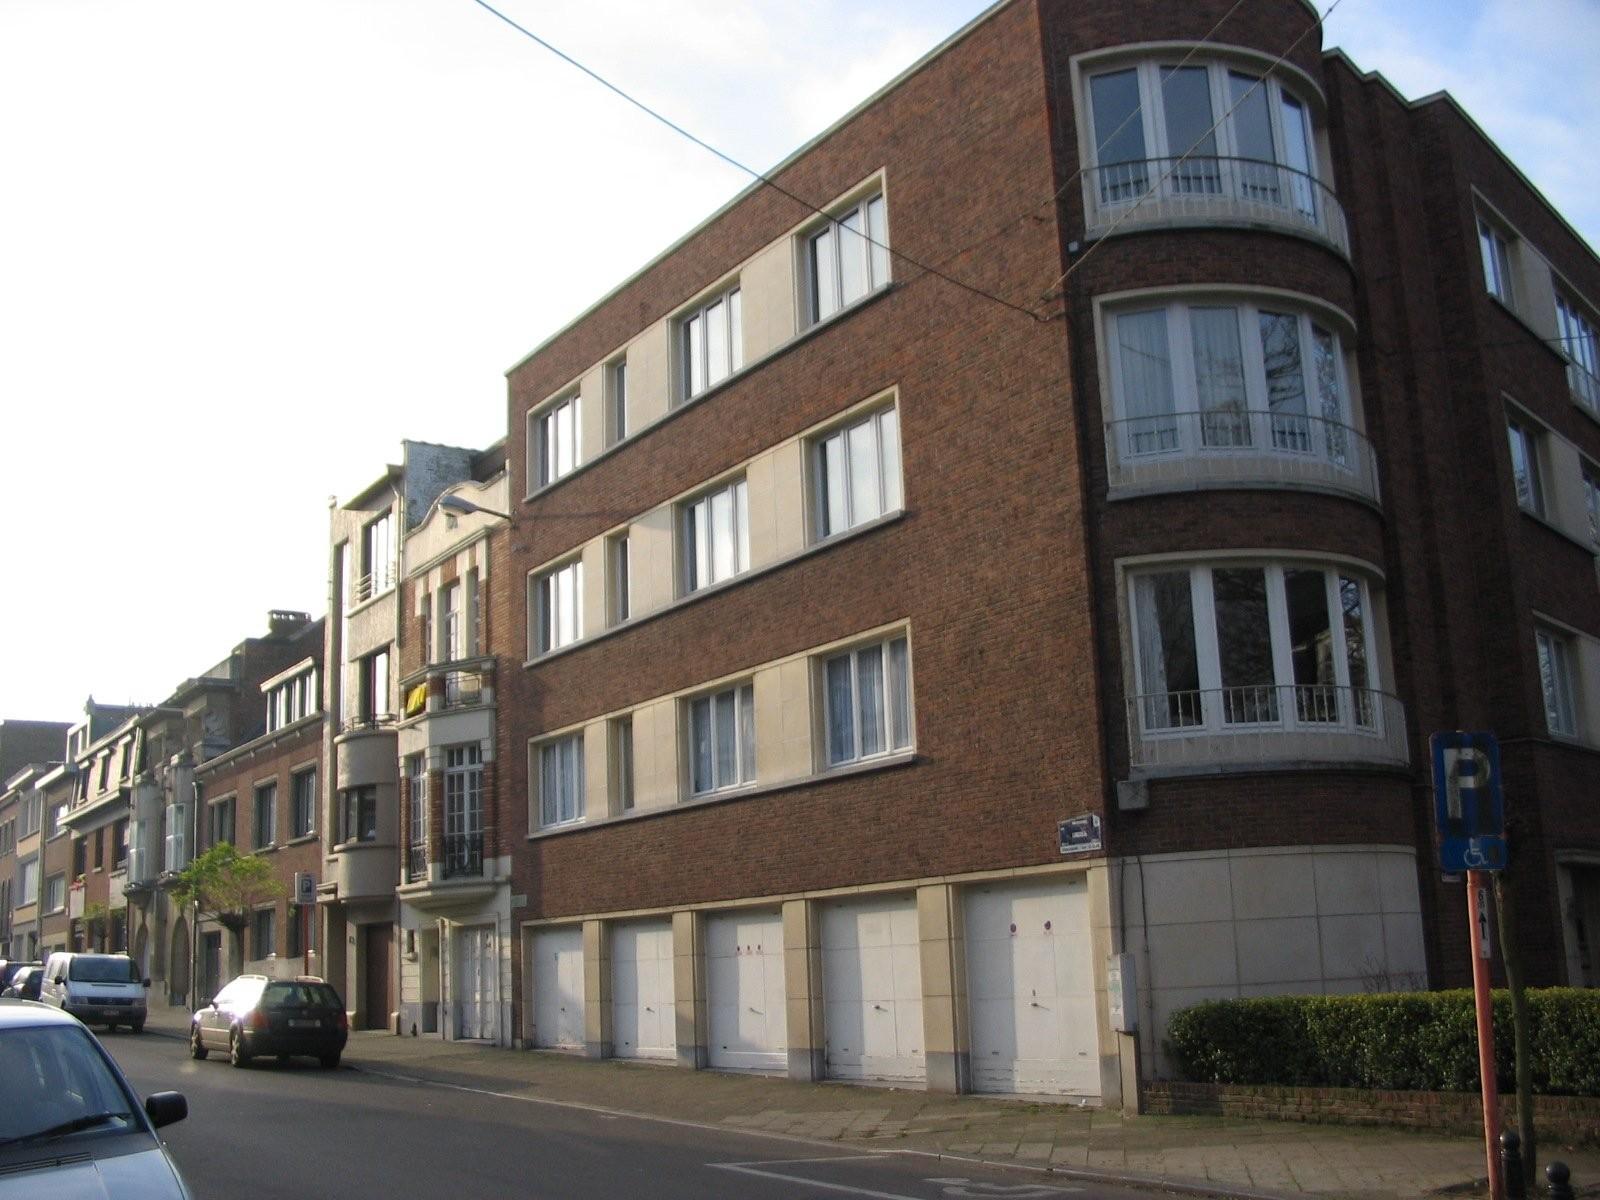 Stanleystraat., 2007